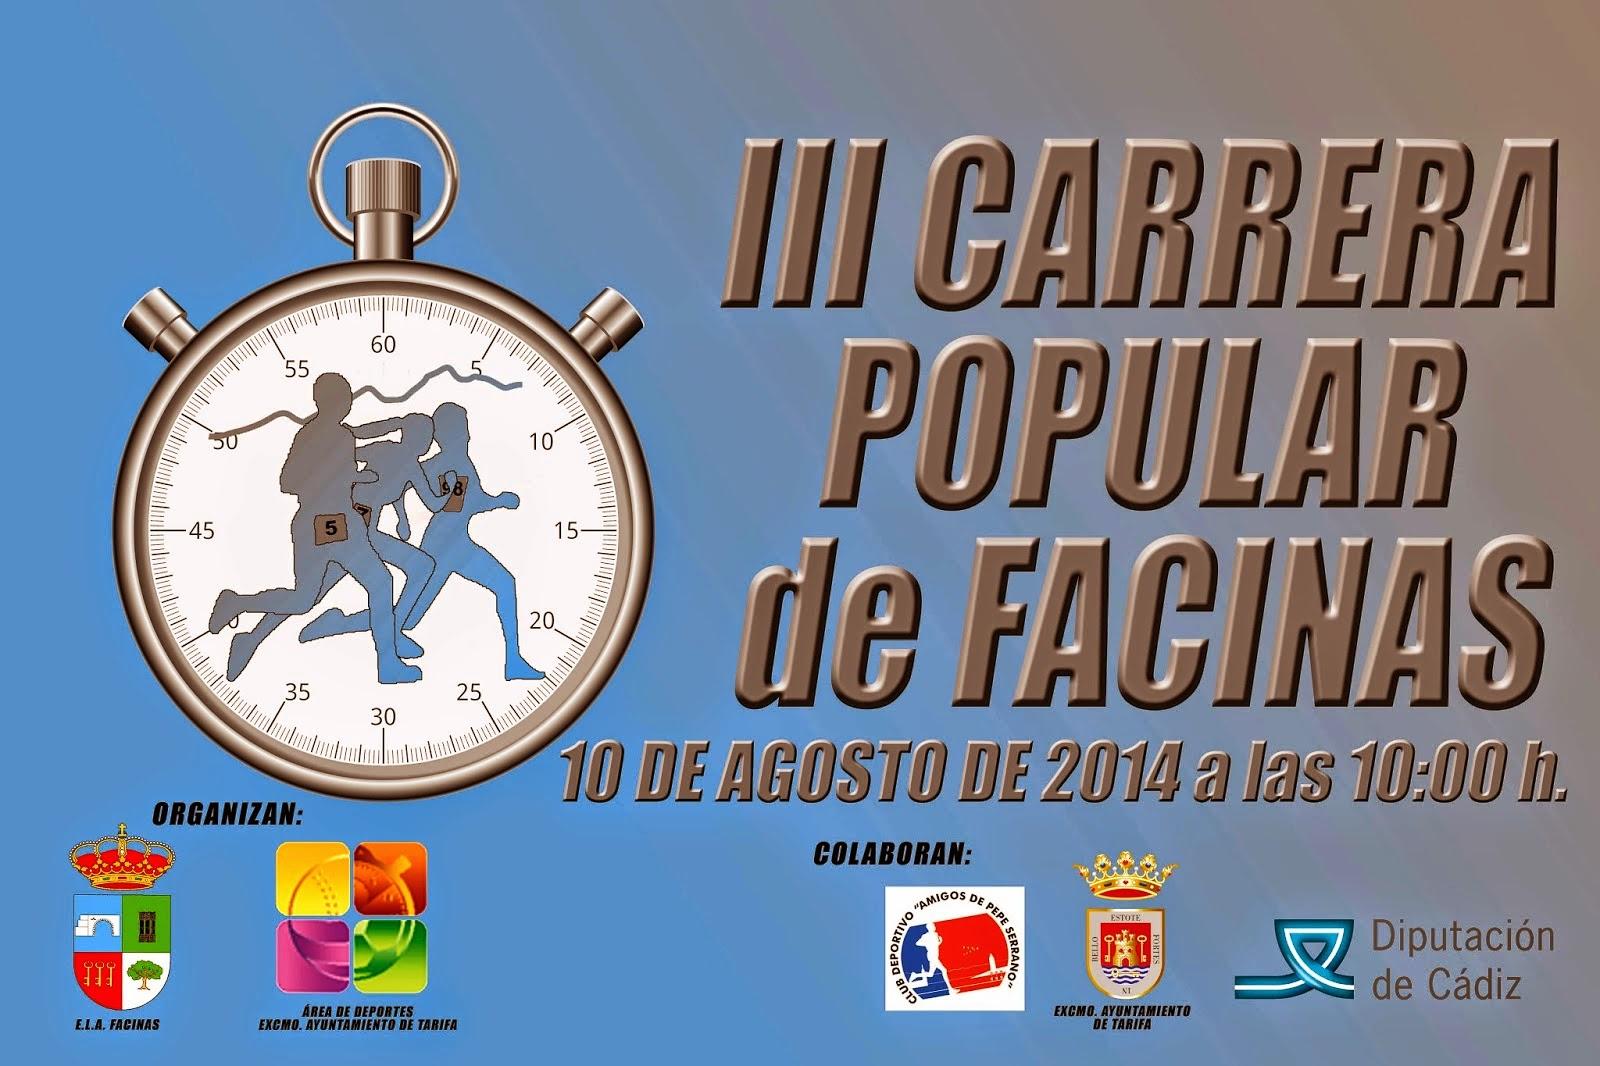 III CARRERA DE FACINAS